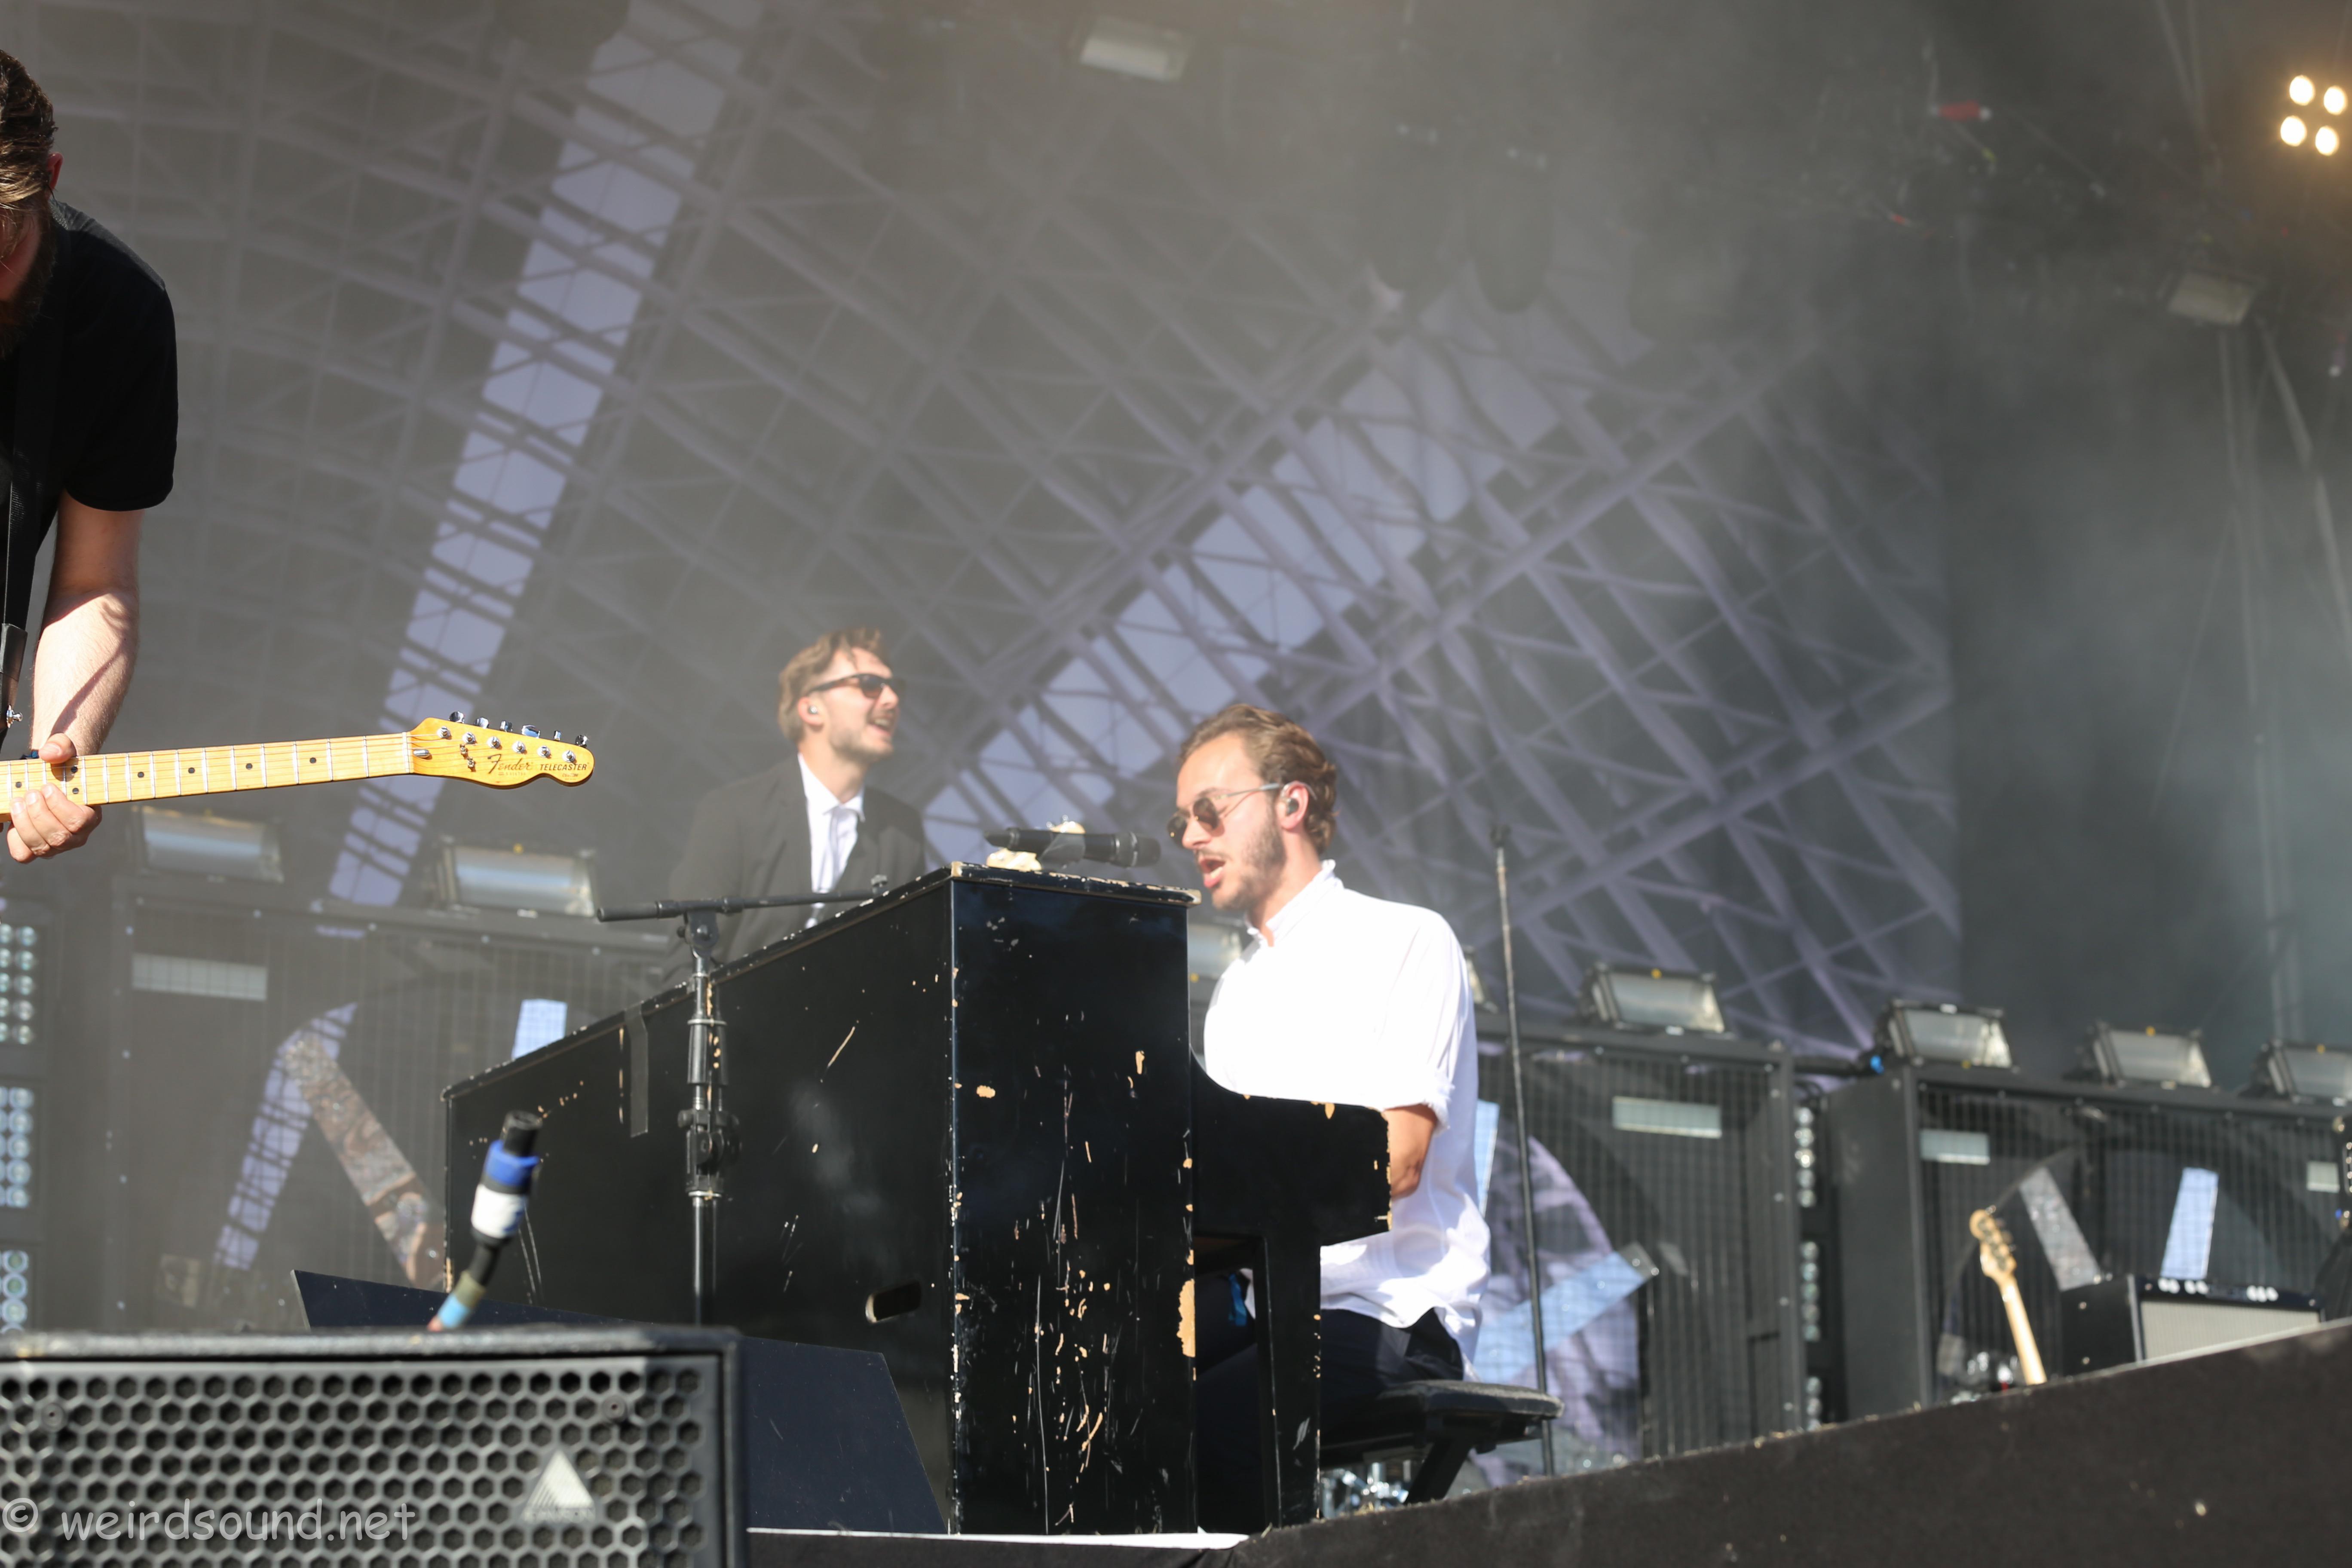 Un petit peu de piano pour charmer ces dames ! - Photo weirdsound